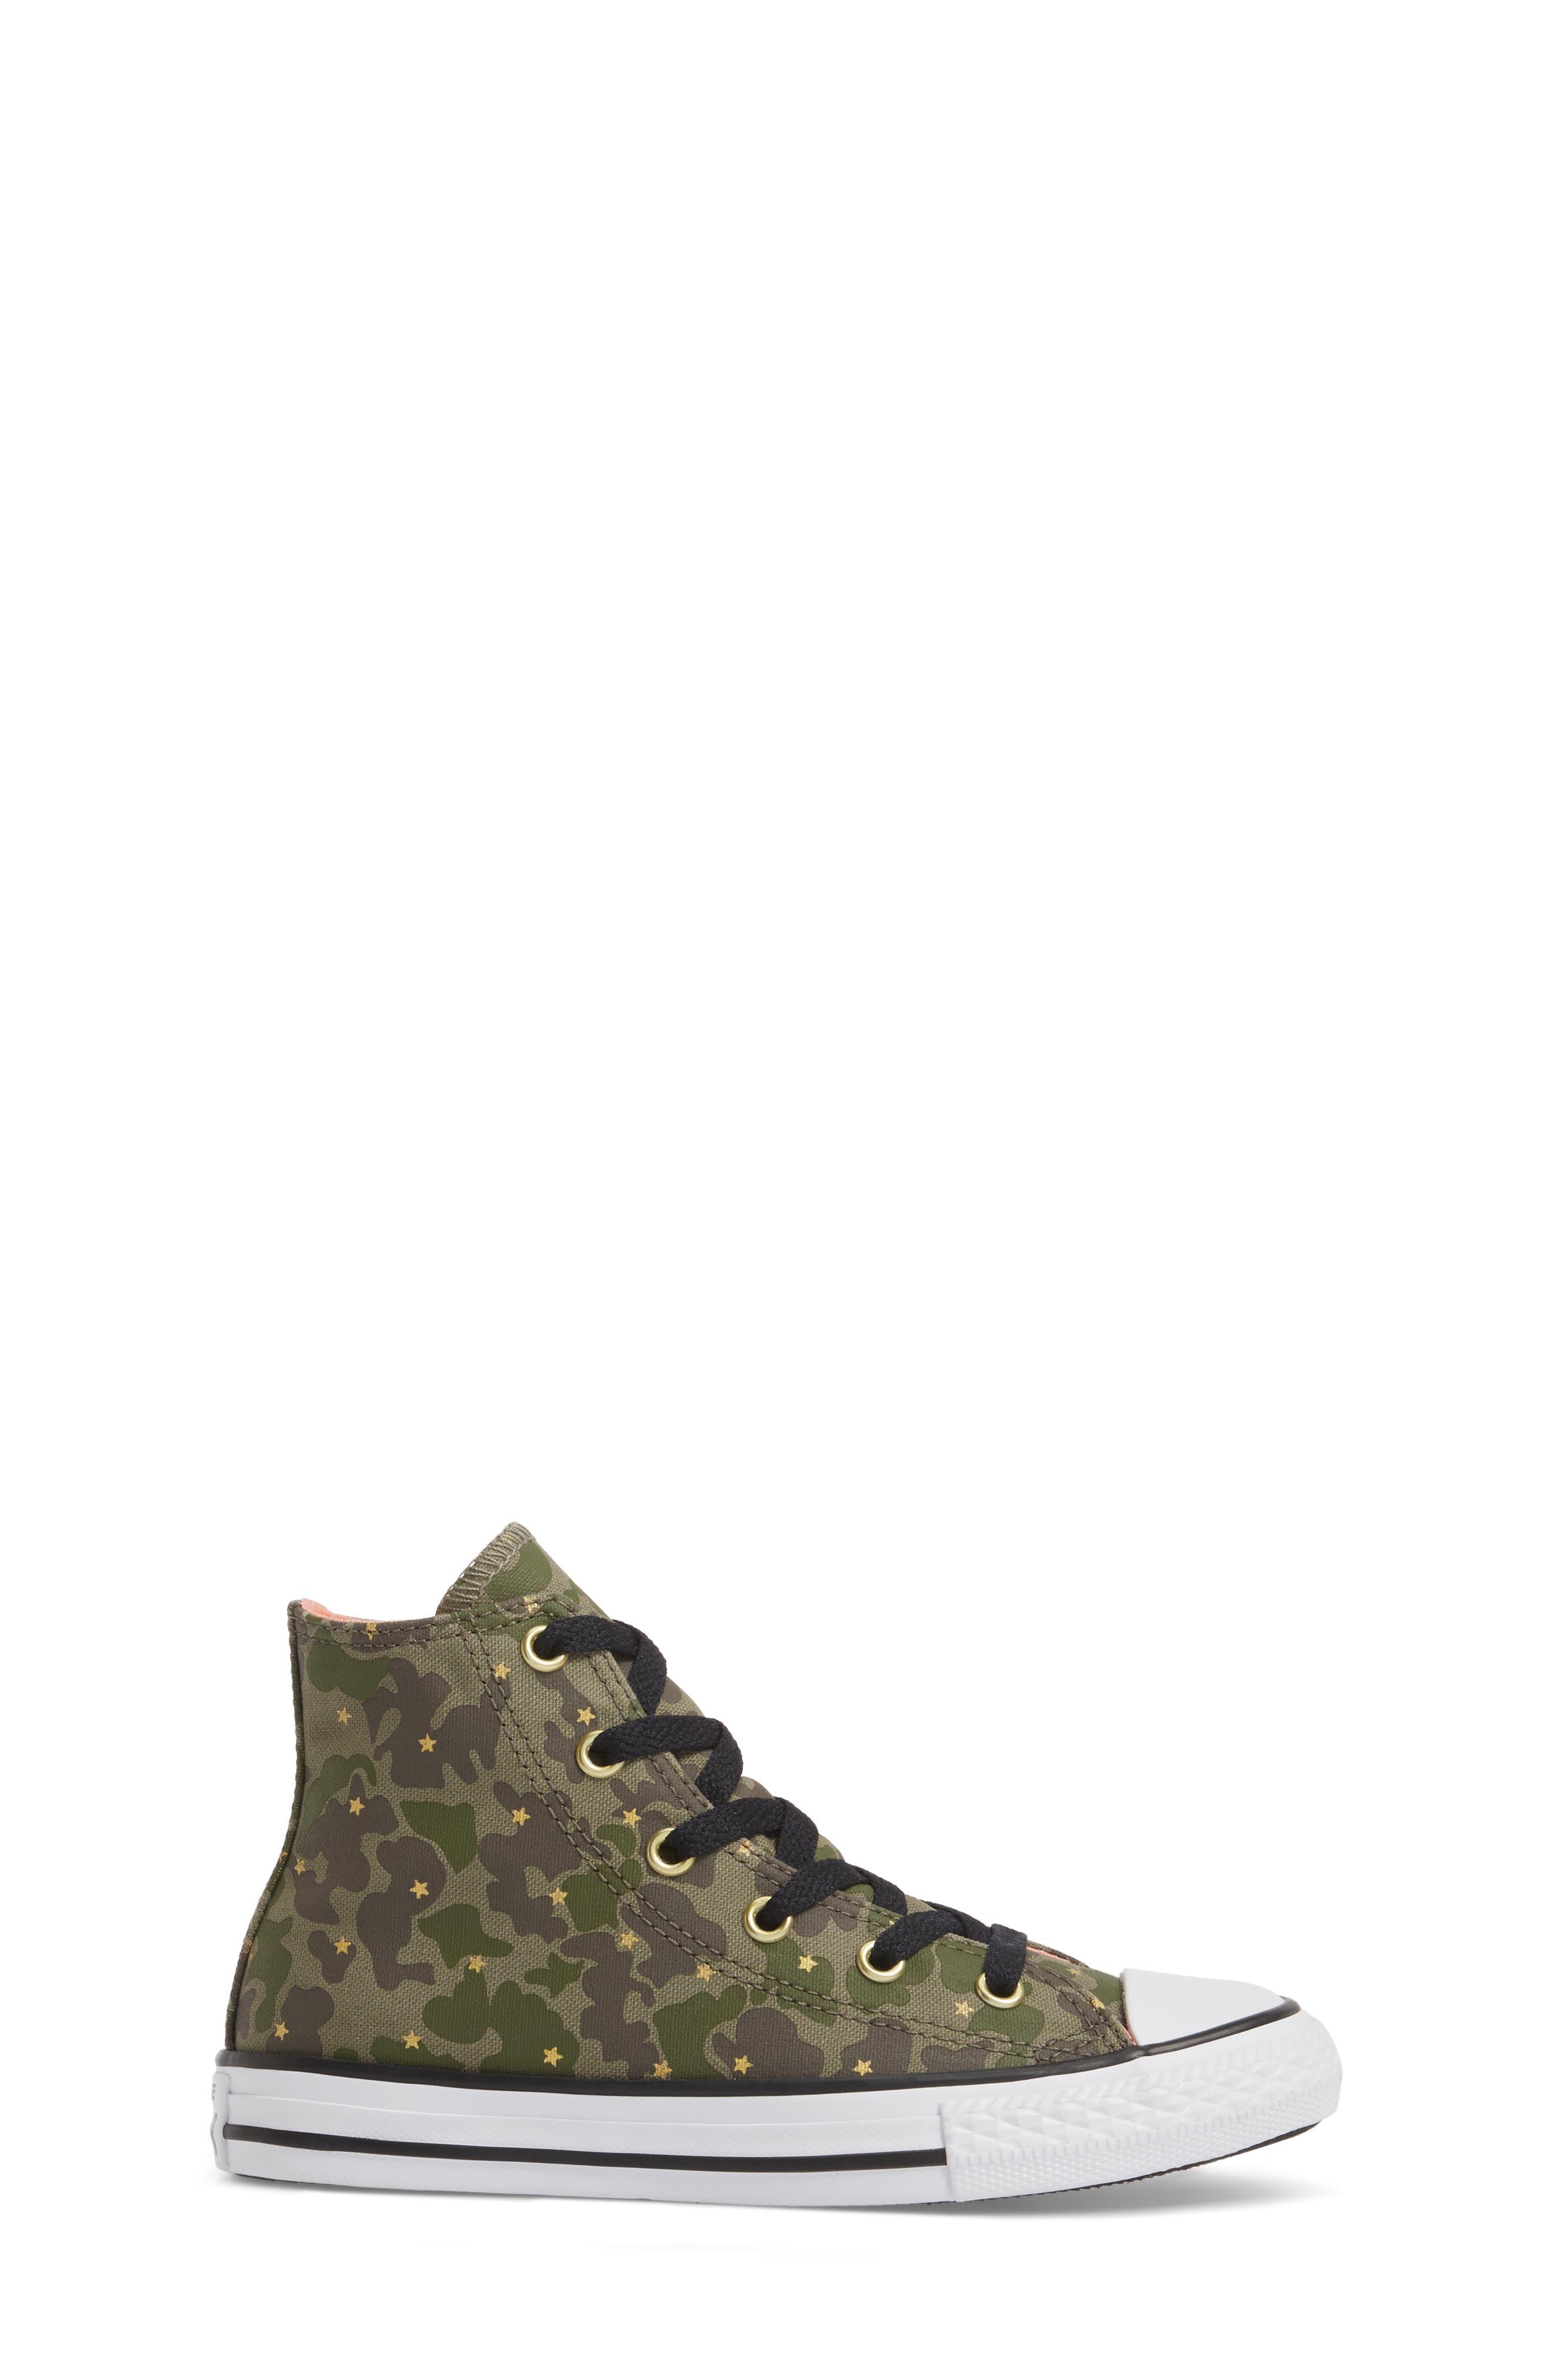 Camo High Top Sneaker,                             Alternate thumbnail 3, color,